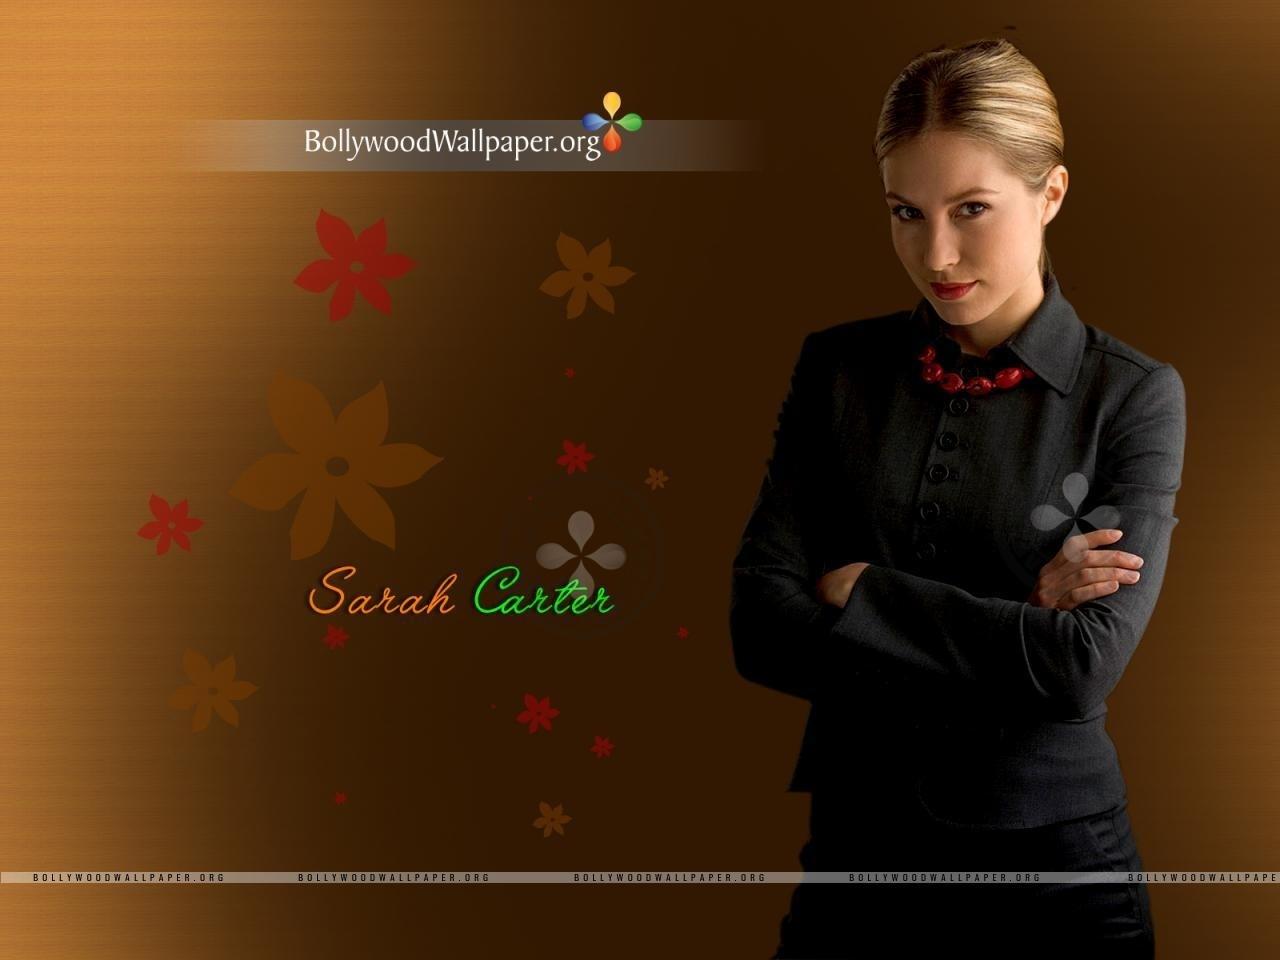 sarah carter wallpaper wallpaper cloudpix images sarah carter sarah 1280x960